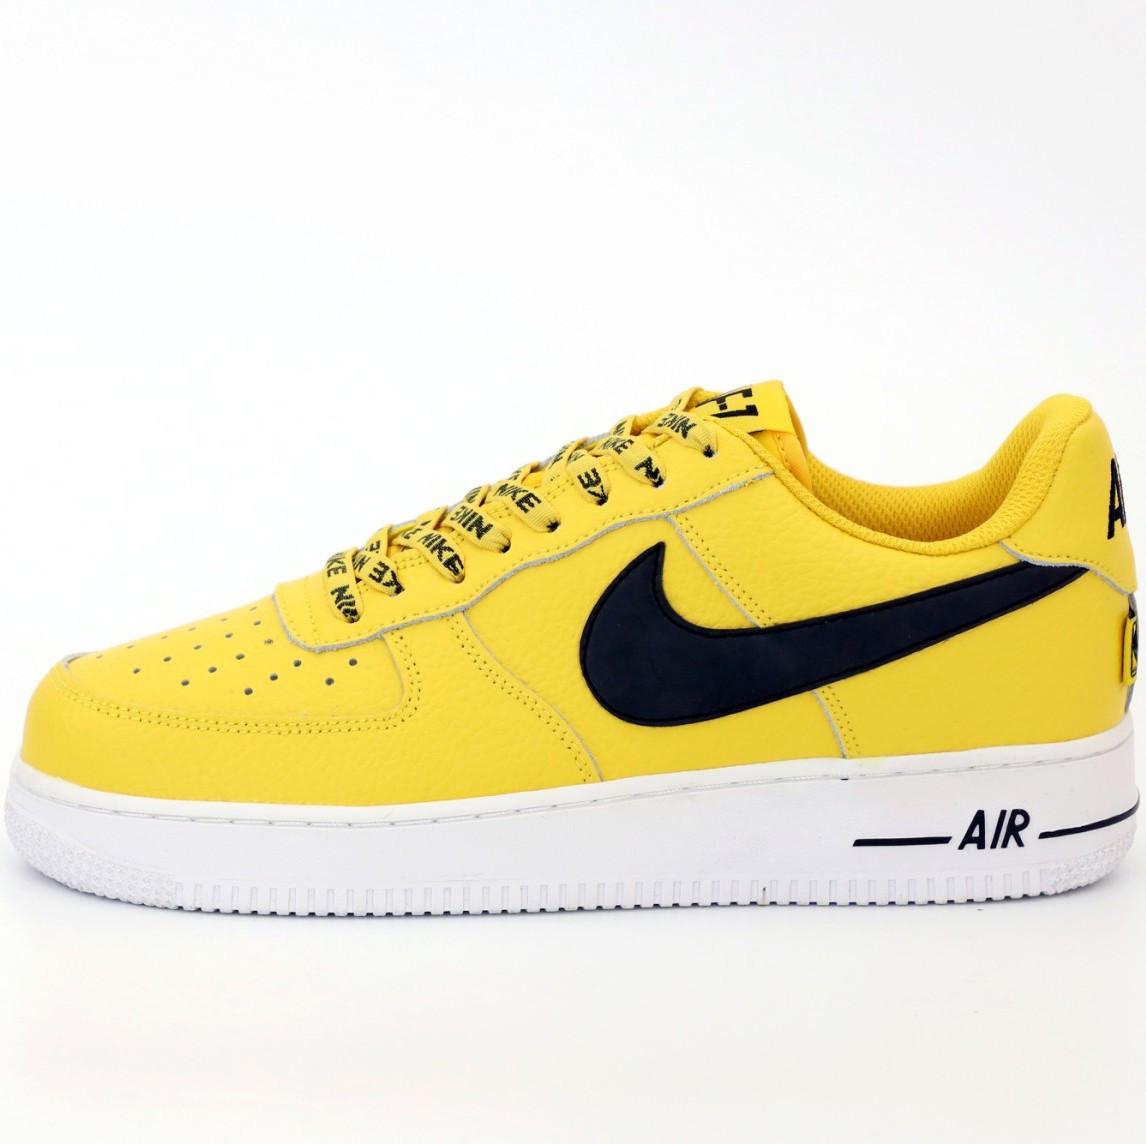 Мужские кроссовки Nike Air Force 1 Low NBA (2 ЦВЕТА)